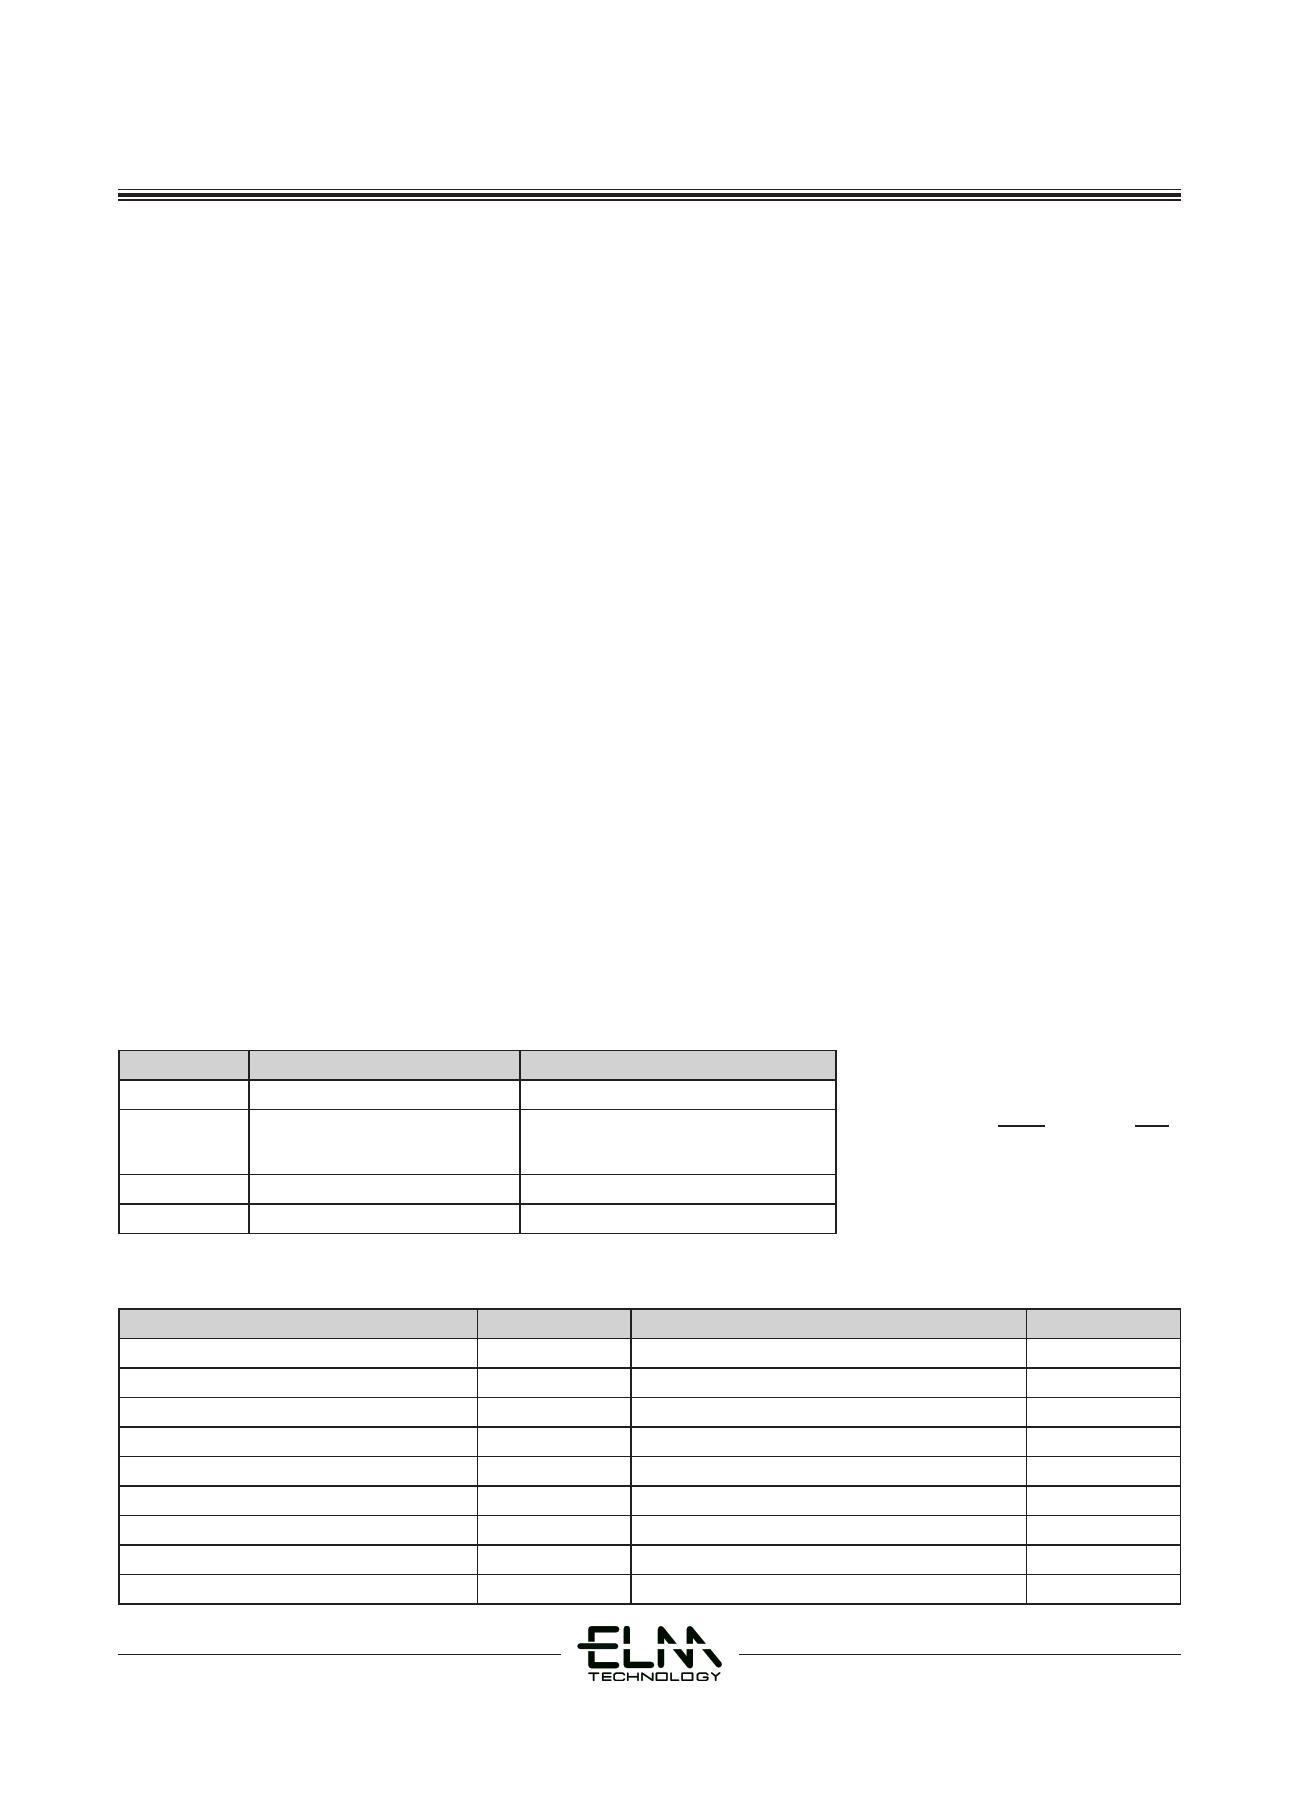 ELM7SHU04TB Datasheet, ELM7SHU04TB PDF,ピン配置, 機能